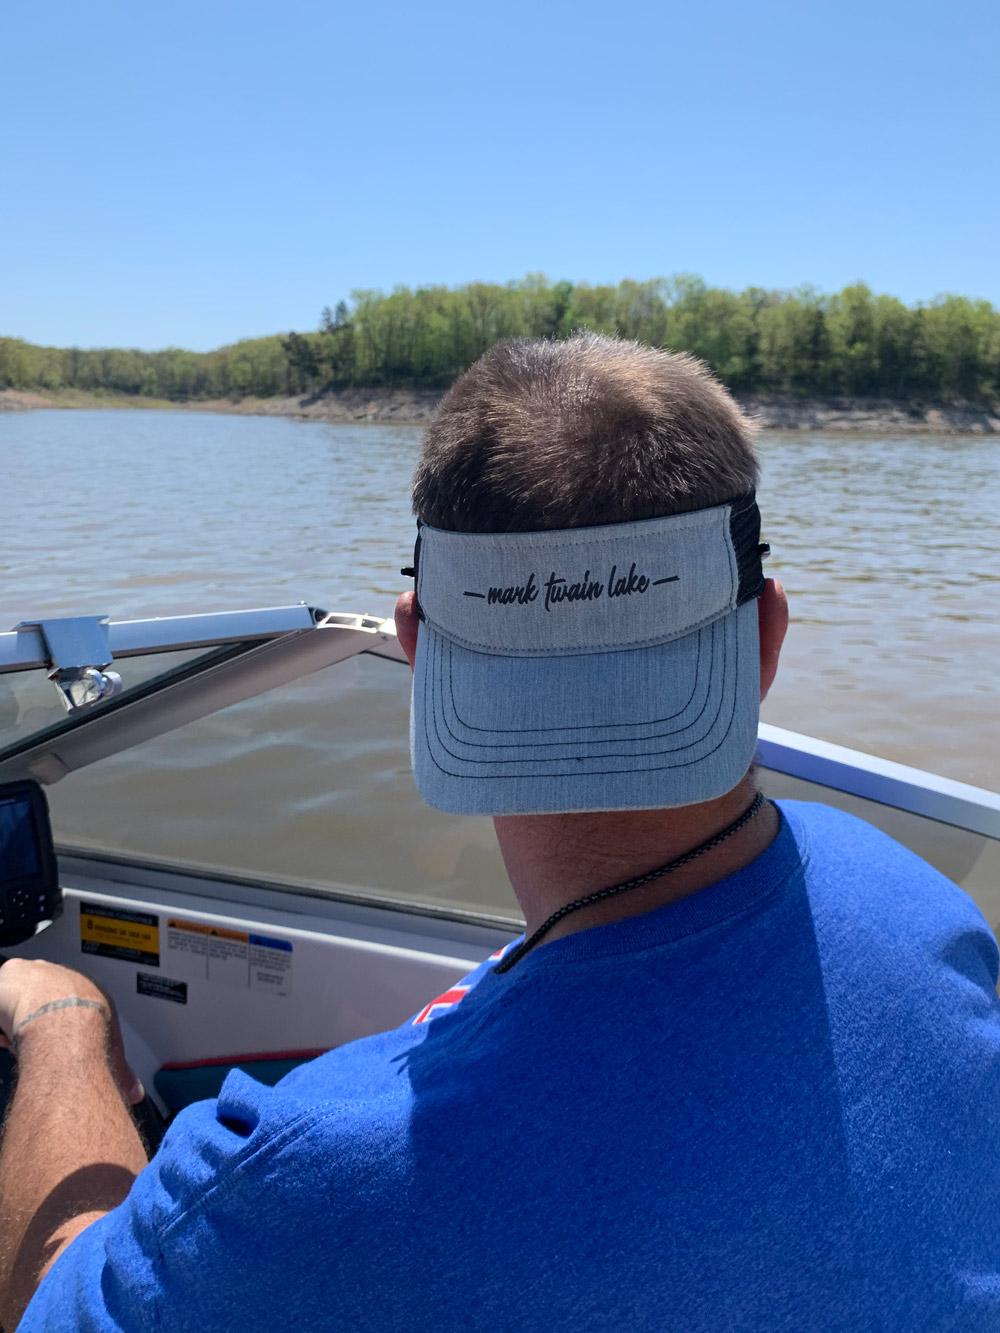 Mark Twain Lake visor